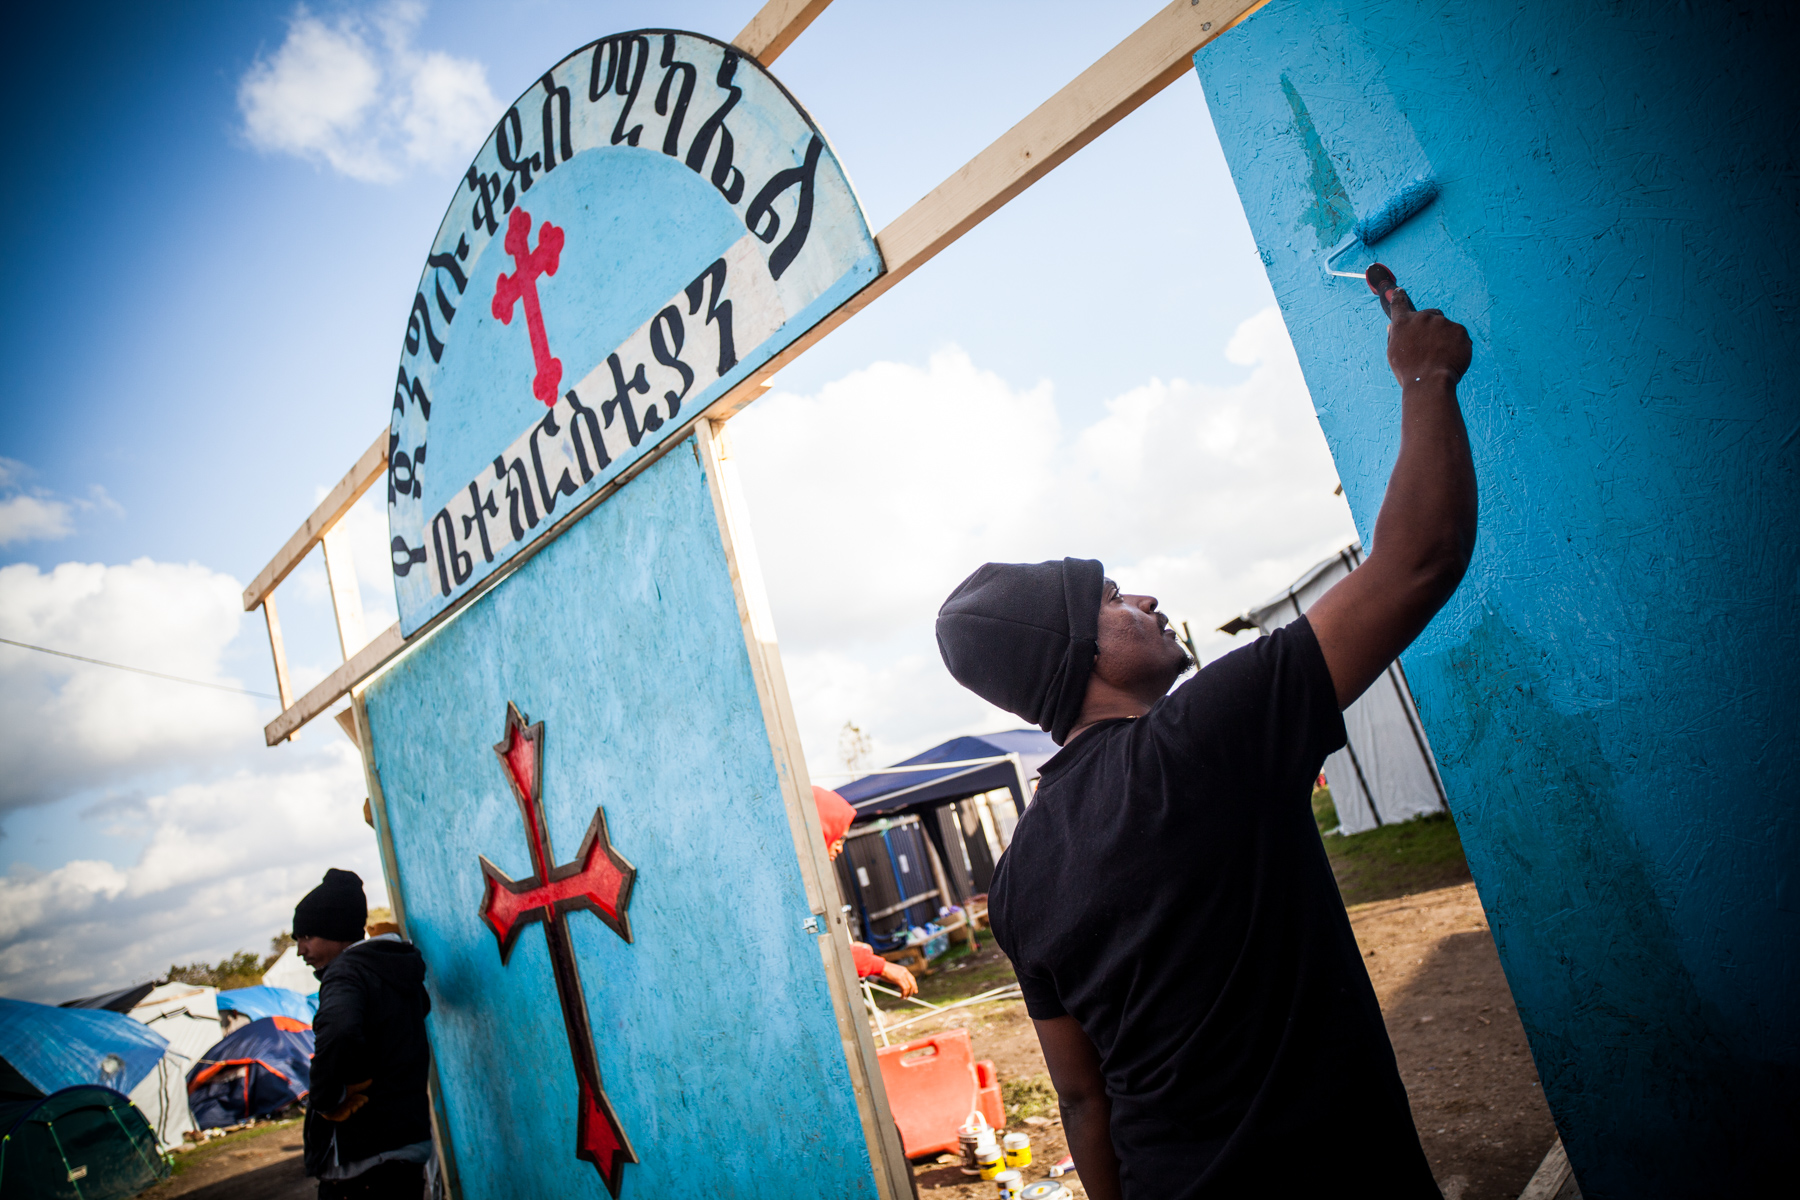 Les alentours de l'église orthodoxe sont de plus en plus décorés. Ici, un portail d'accueil a été peint pour embellir l'entrée.  Le Monde - 13.10.15